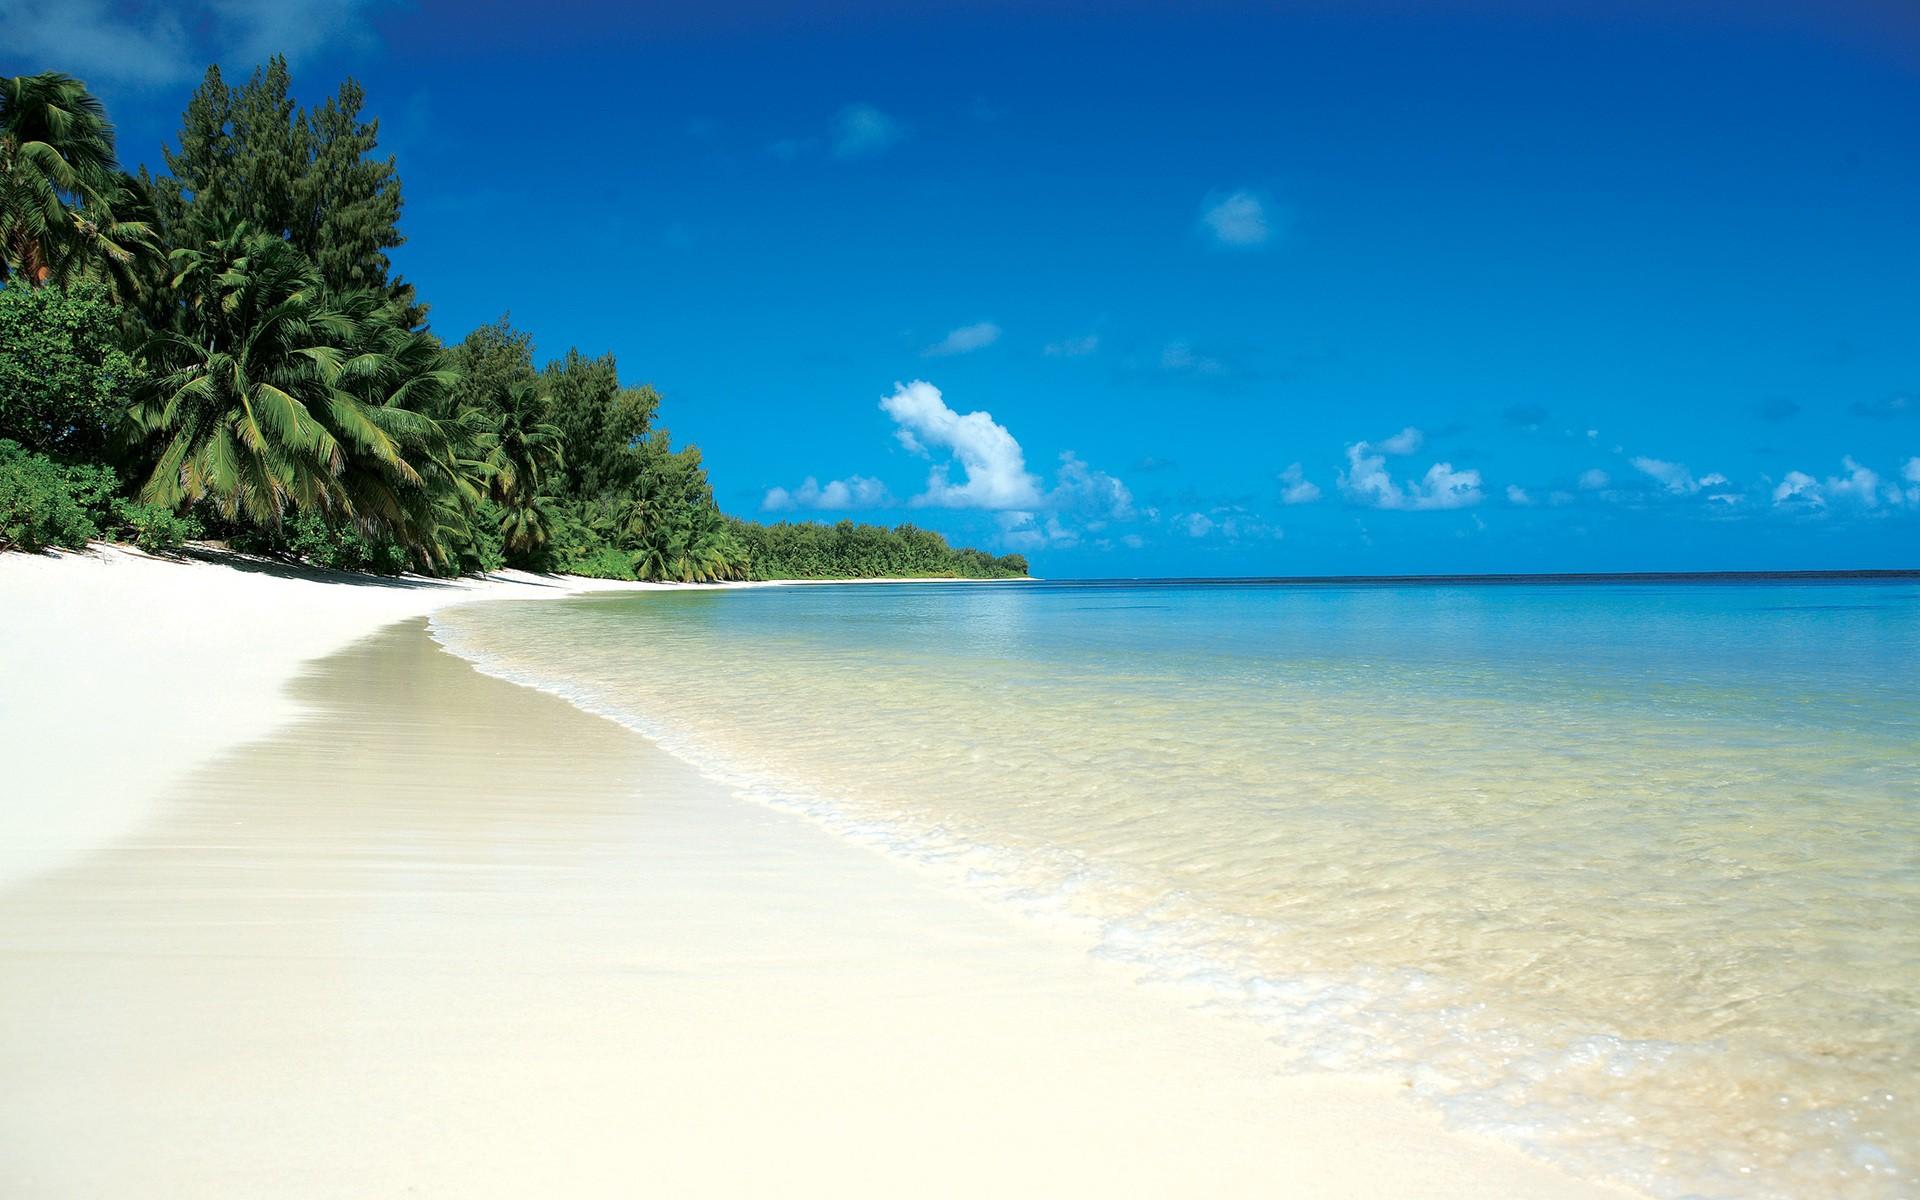 Playas del Caribe en vacaciones - 1920x1200